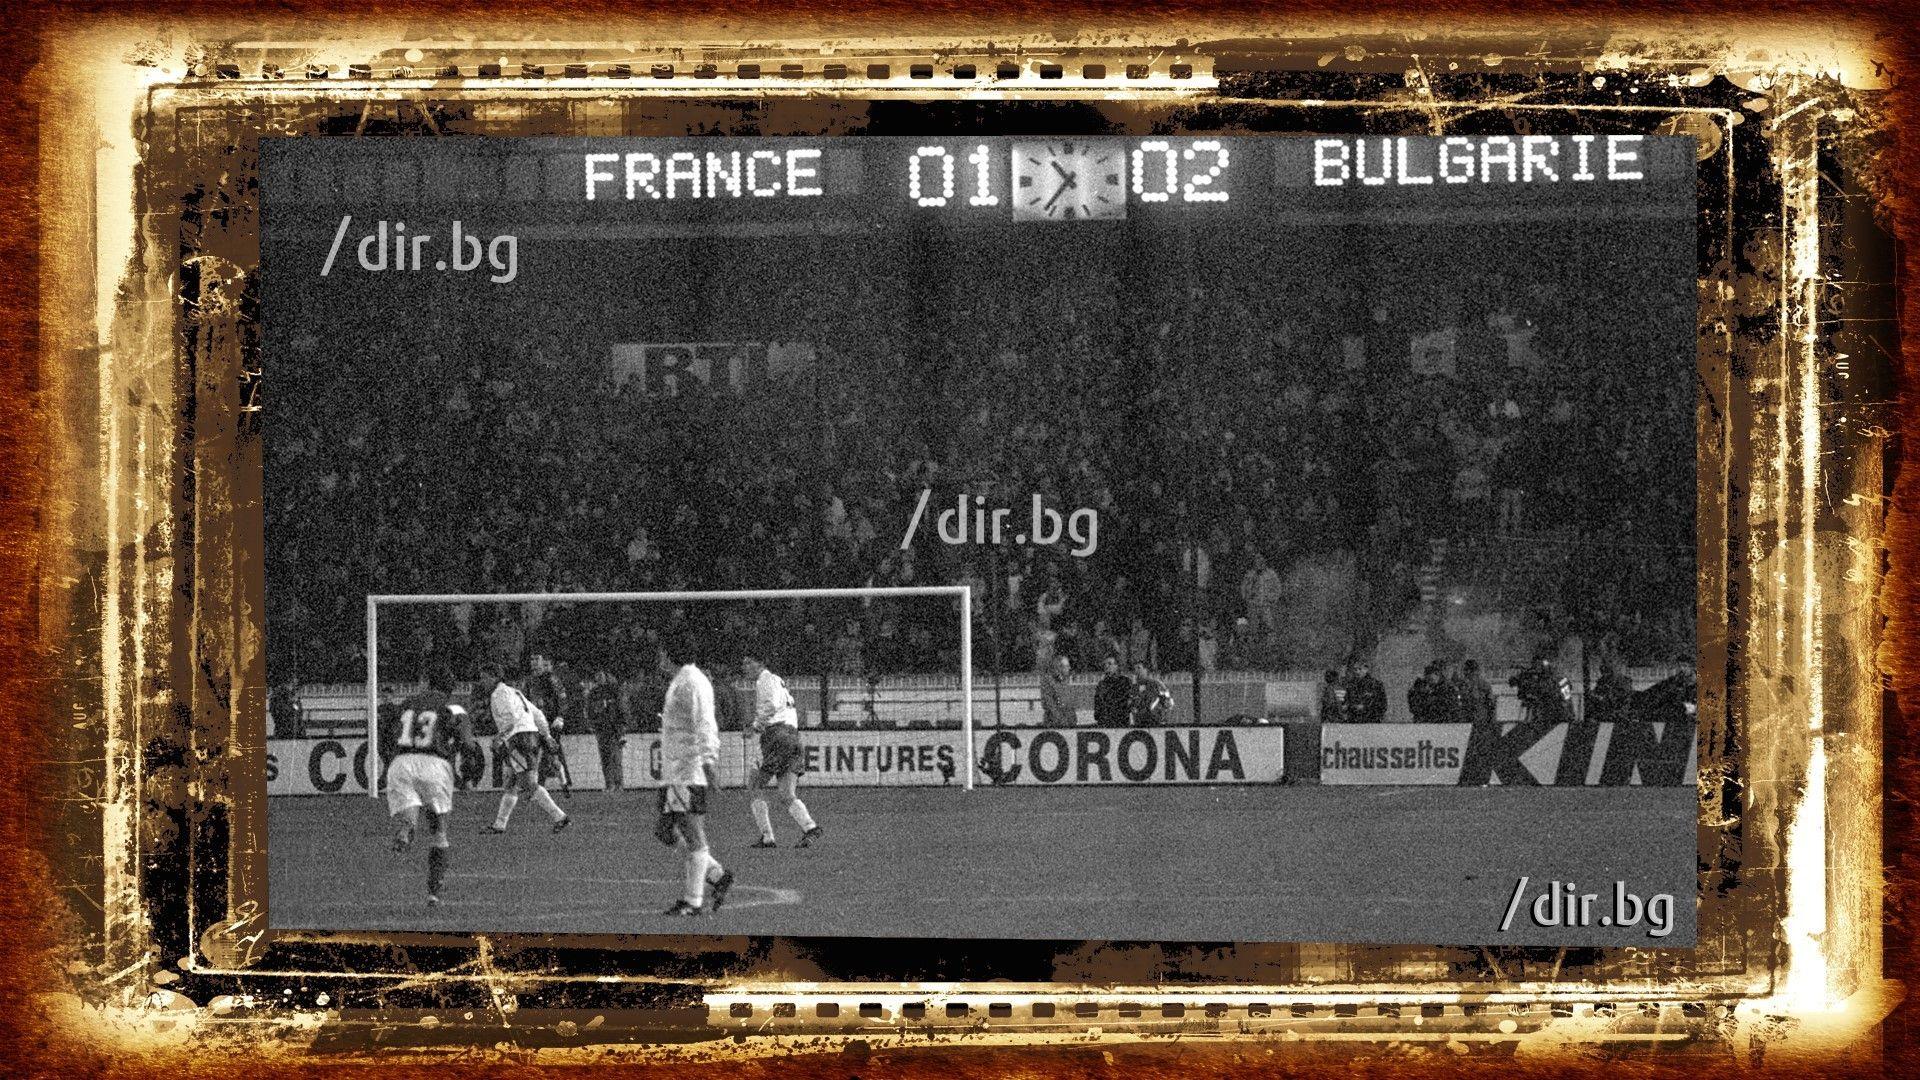 Секундите след втория ни гол изтичат, Франция изпълнява център и тръгва отчаяно напред... Героят Костадинов се разхожда с извадена от гащетата фланелка и чака края.